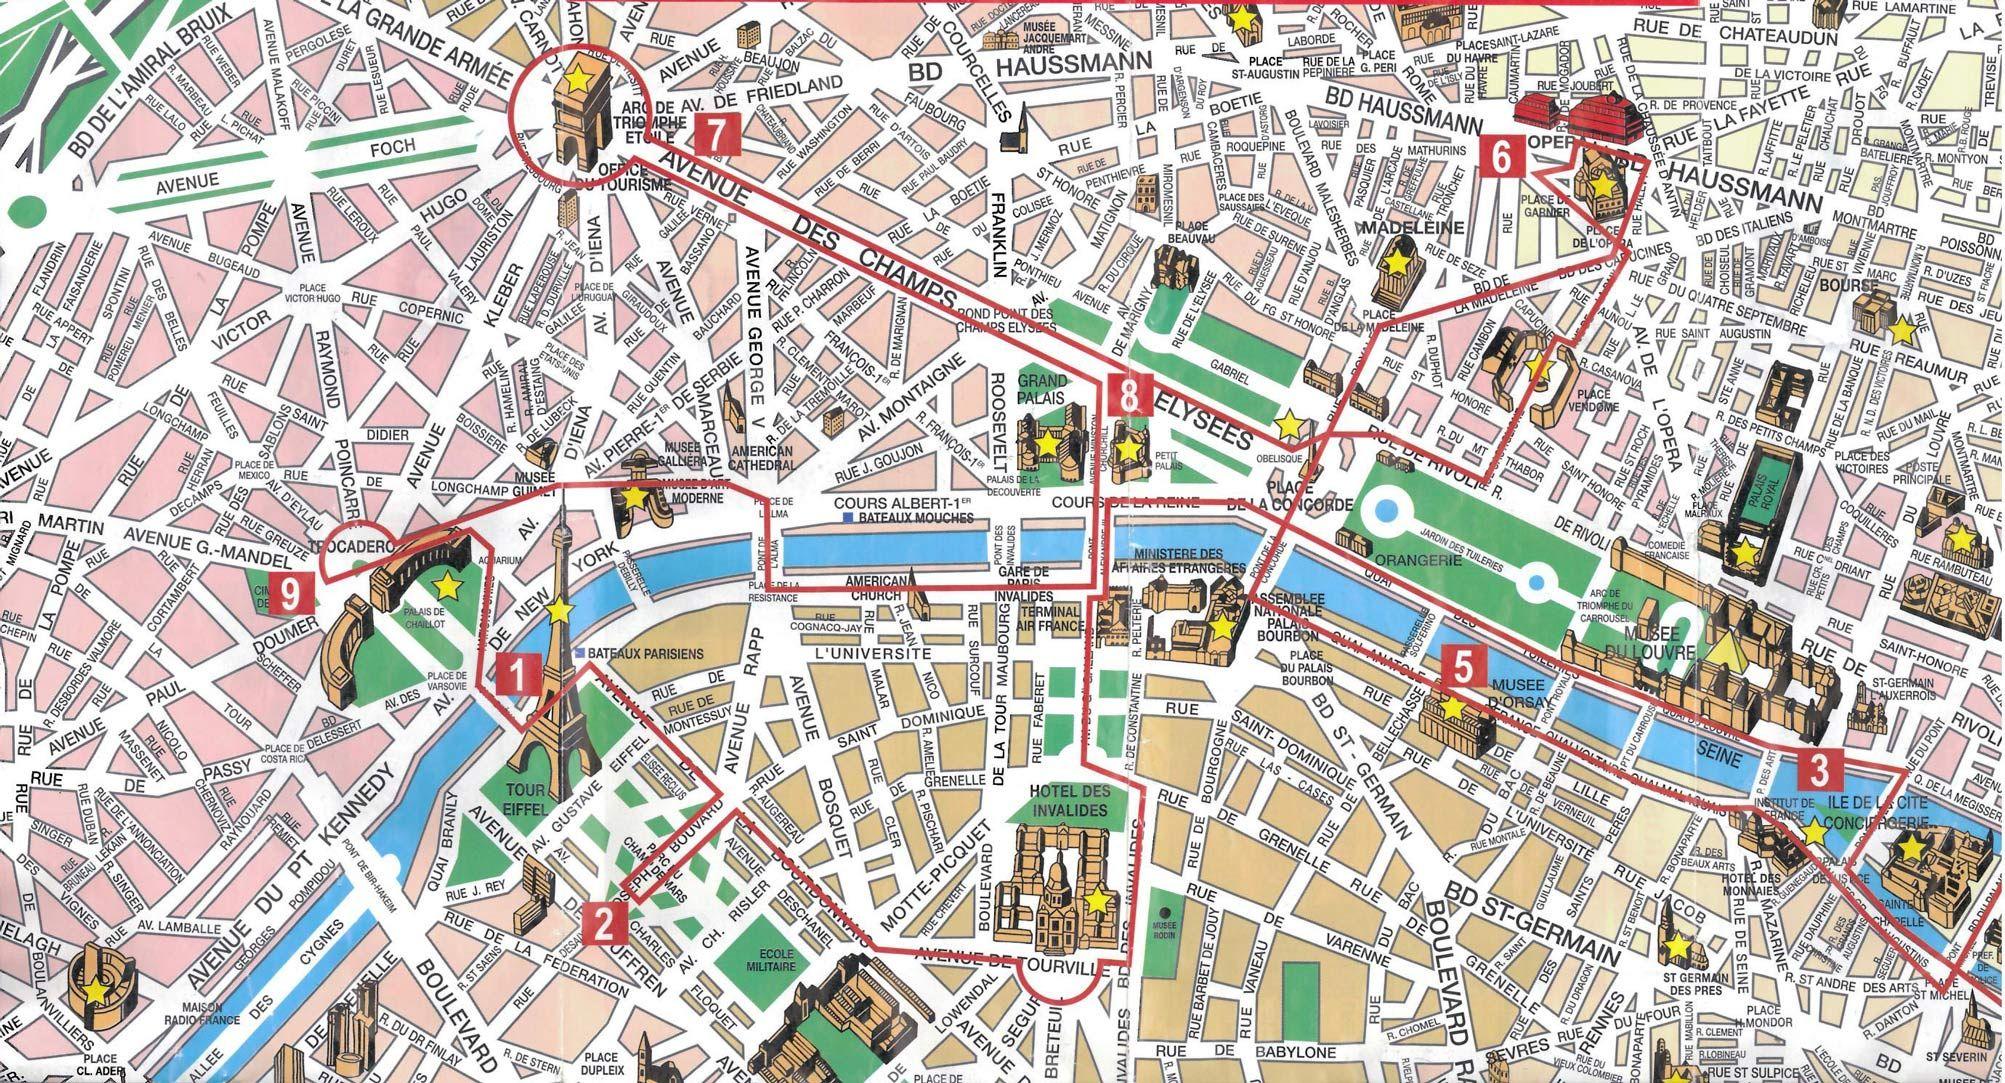 mapa de paris com monumentos Monumentos em Paris, França | Viagens   Oportunidade para sonhar  mapa de paris com monumentos